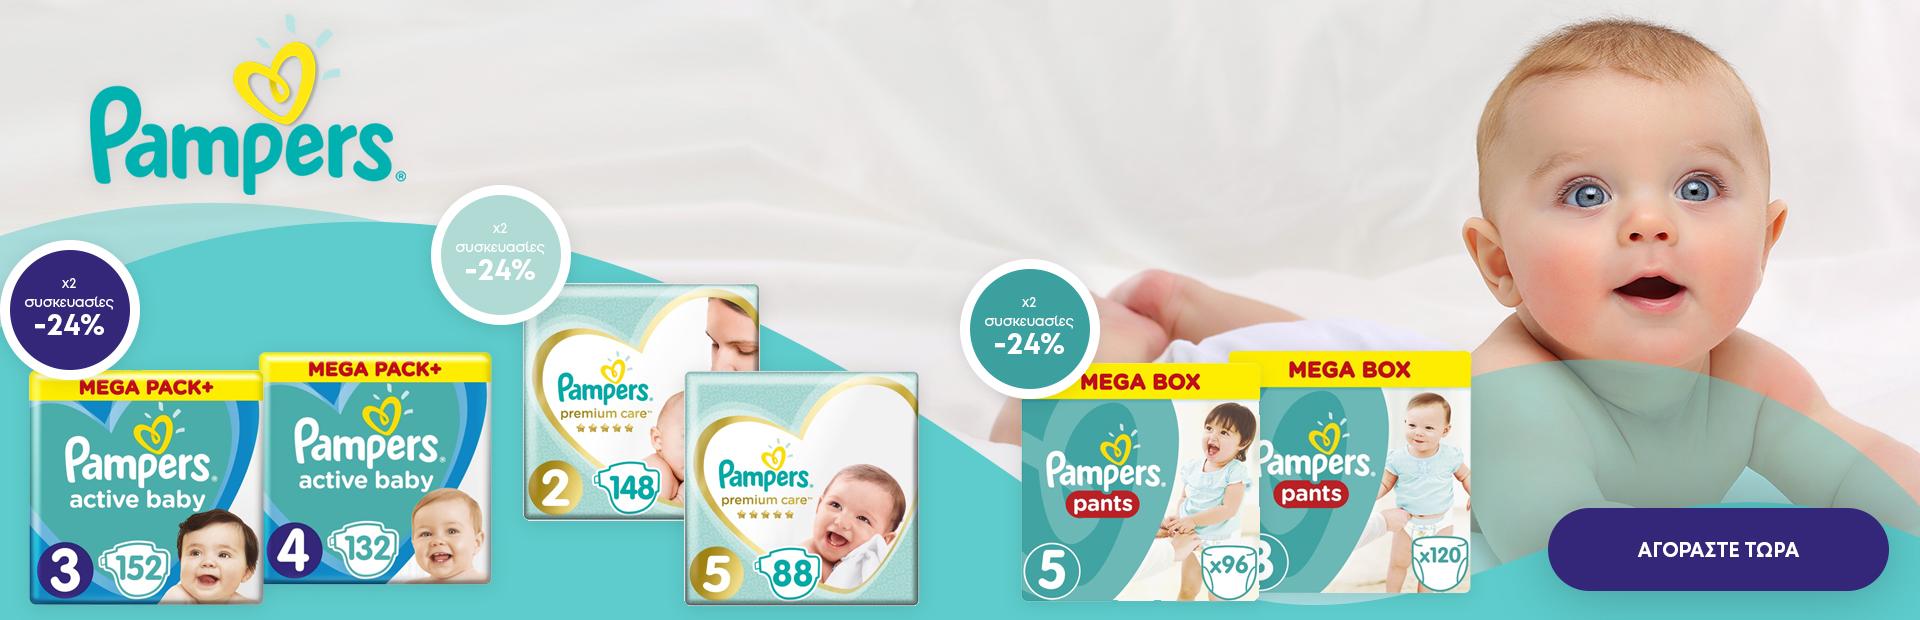 Pampers 2xMega Wonder Week